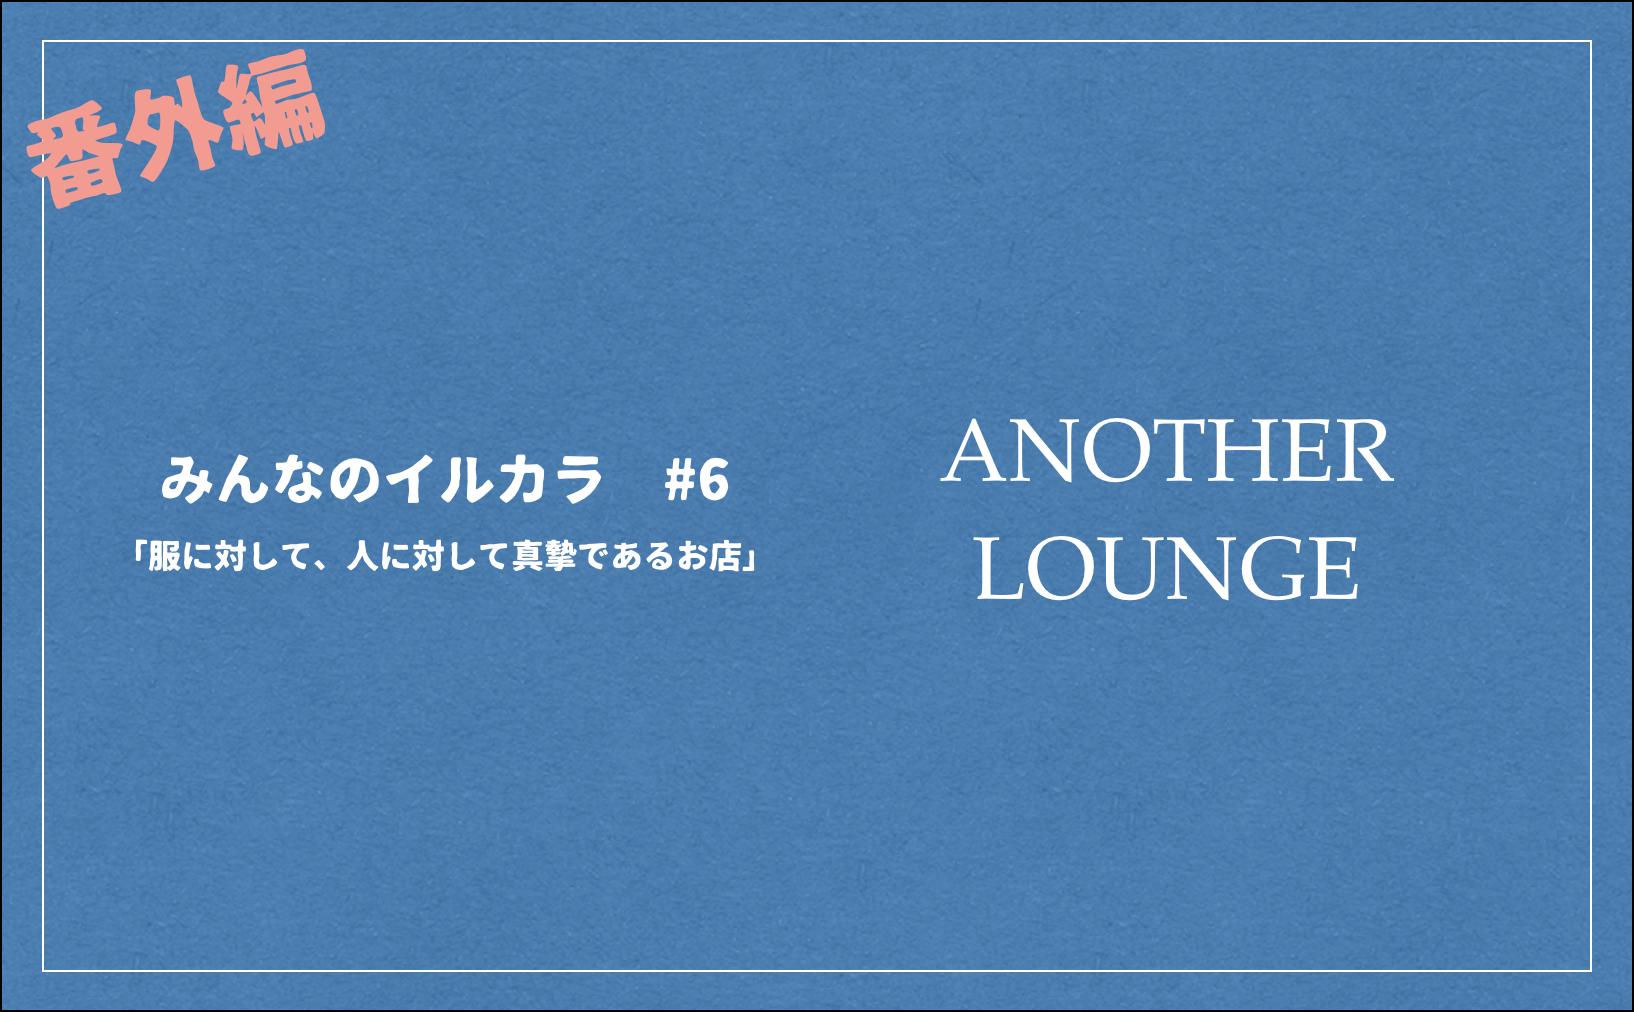 みんなのイルカラ #6 ANOTHER LOUNGE@松本